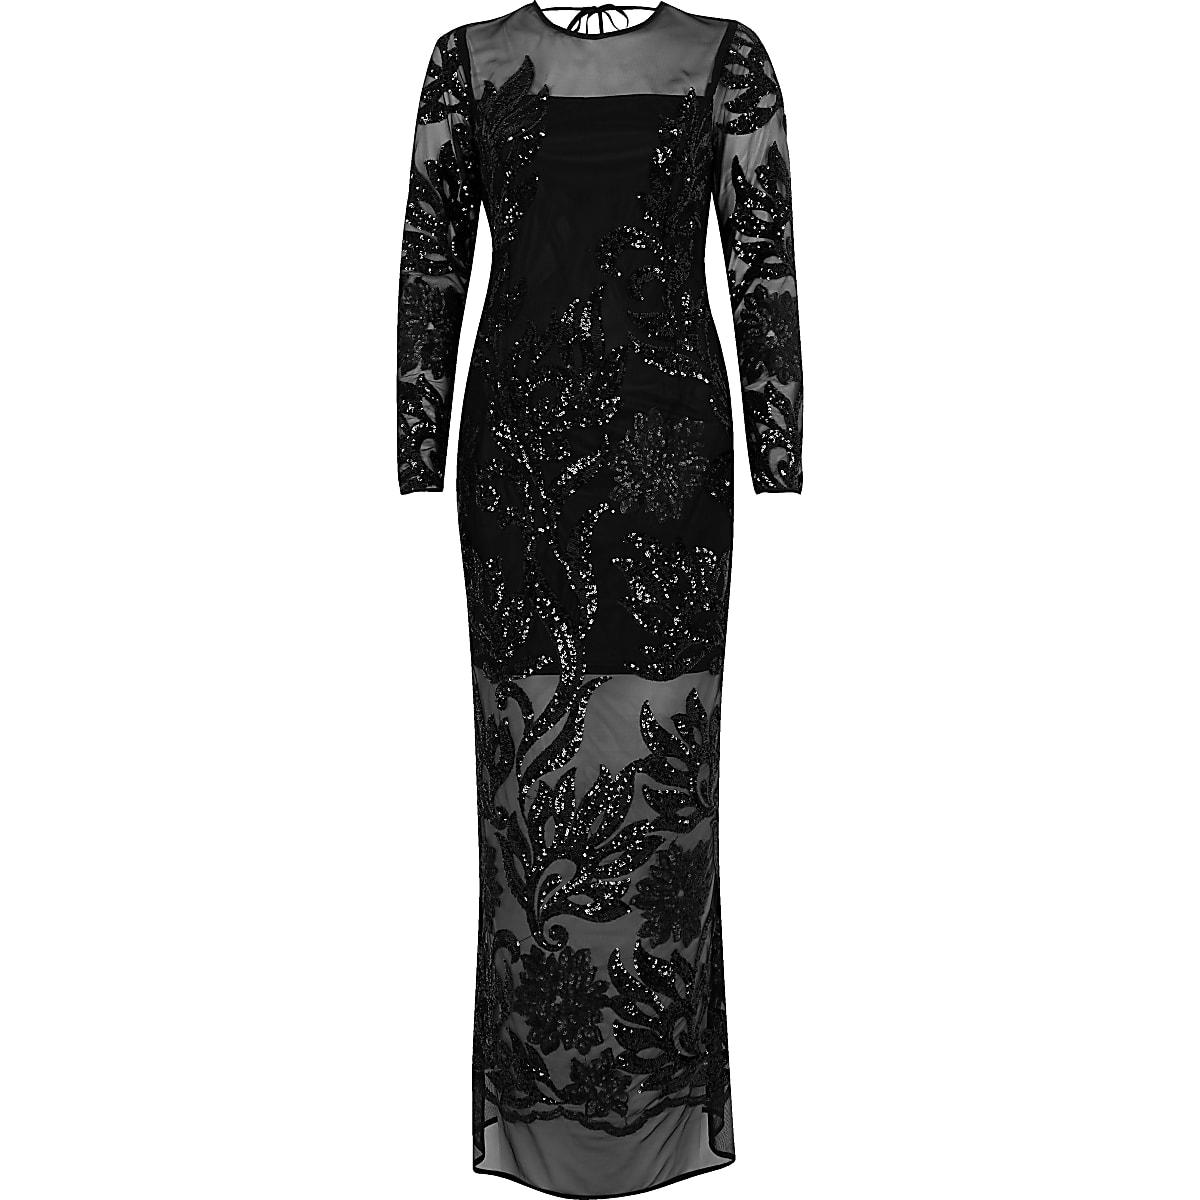 5cadc3d158 Black embellished mesh maxi dress - Maxi Dresses - Dresses - women